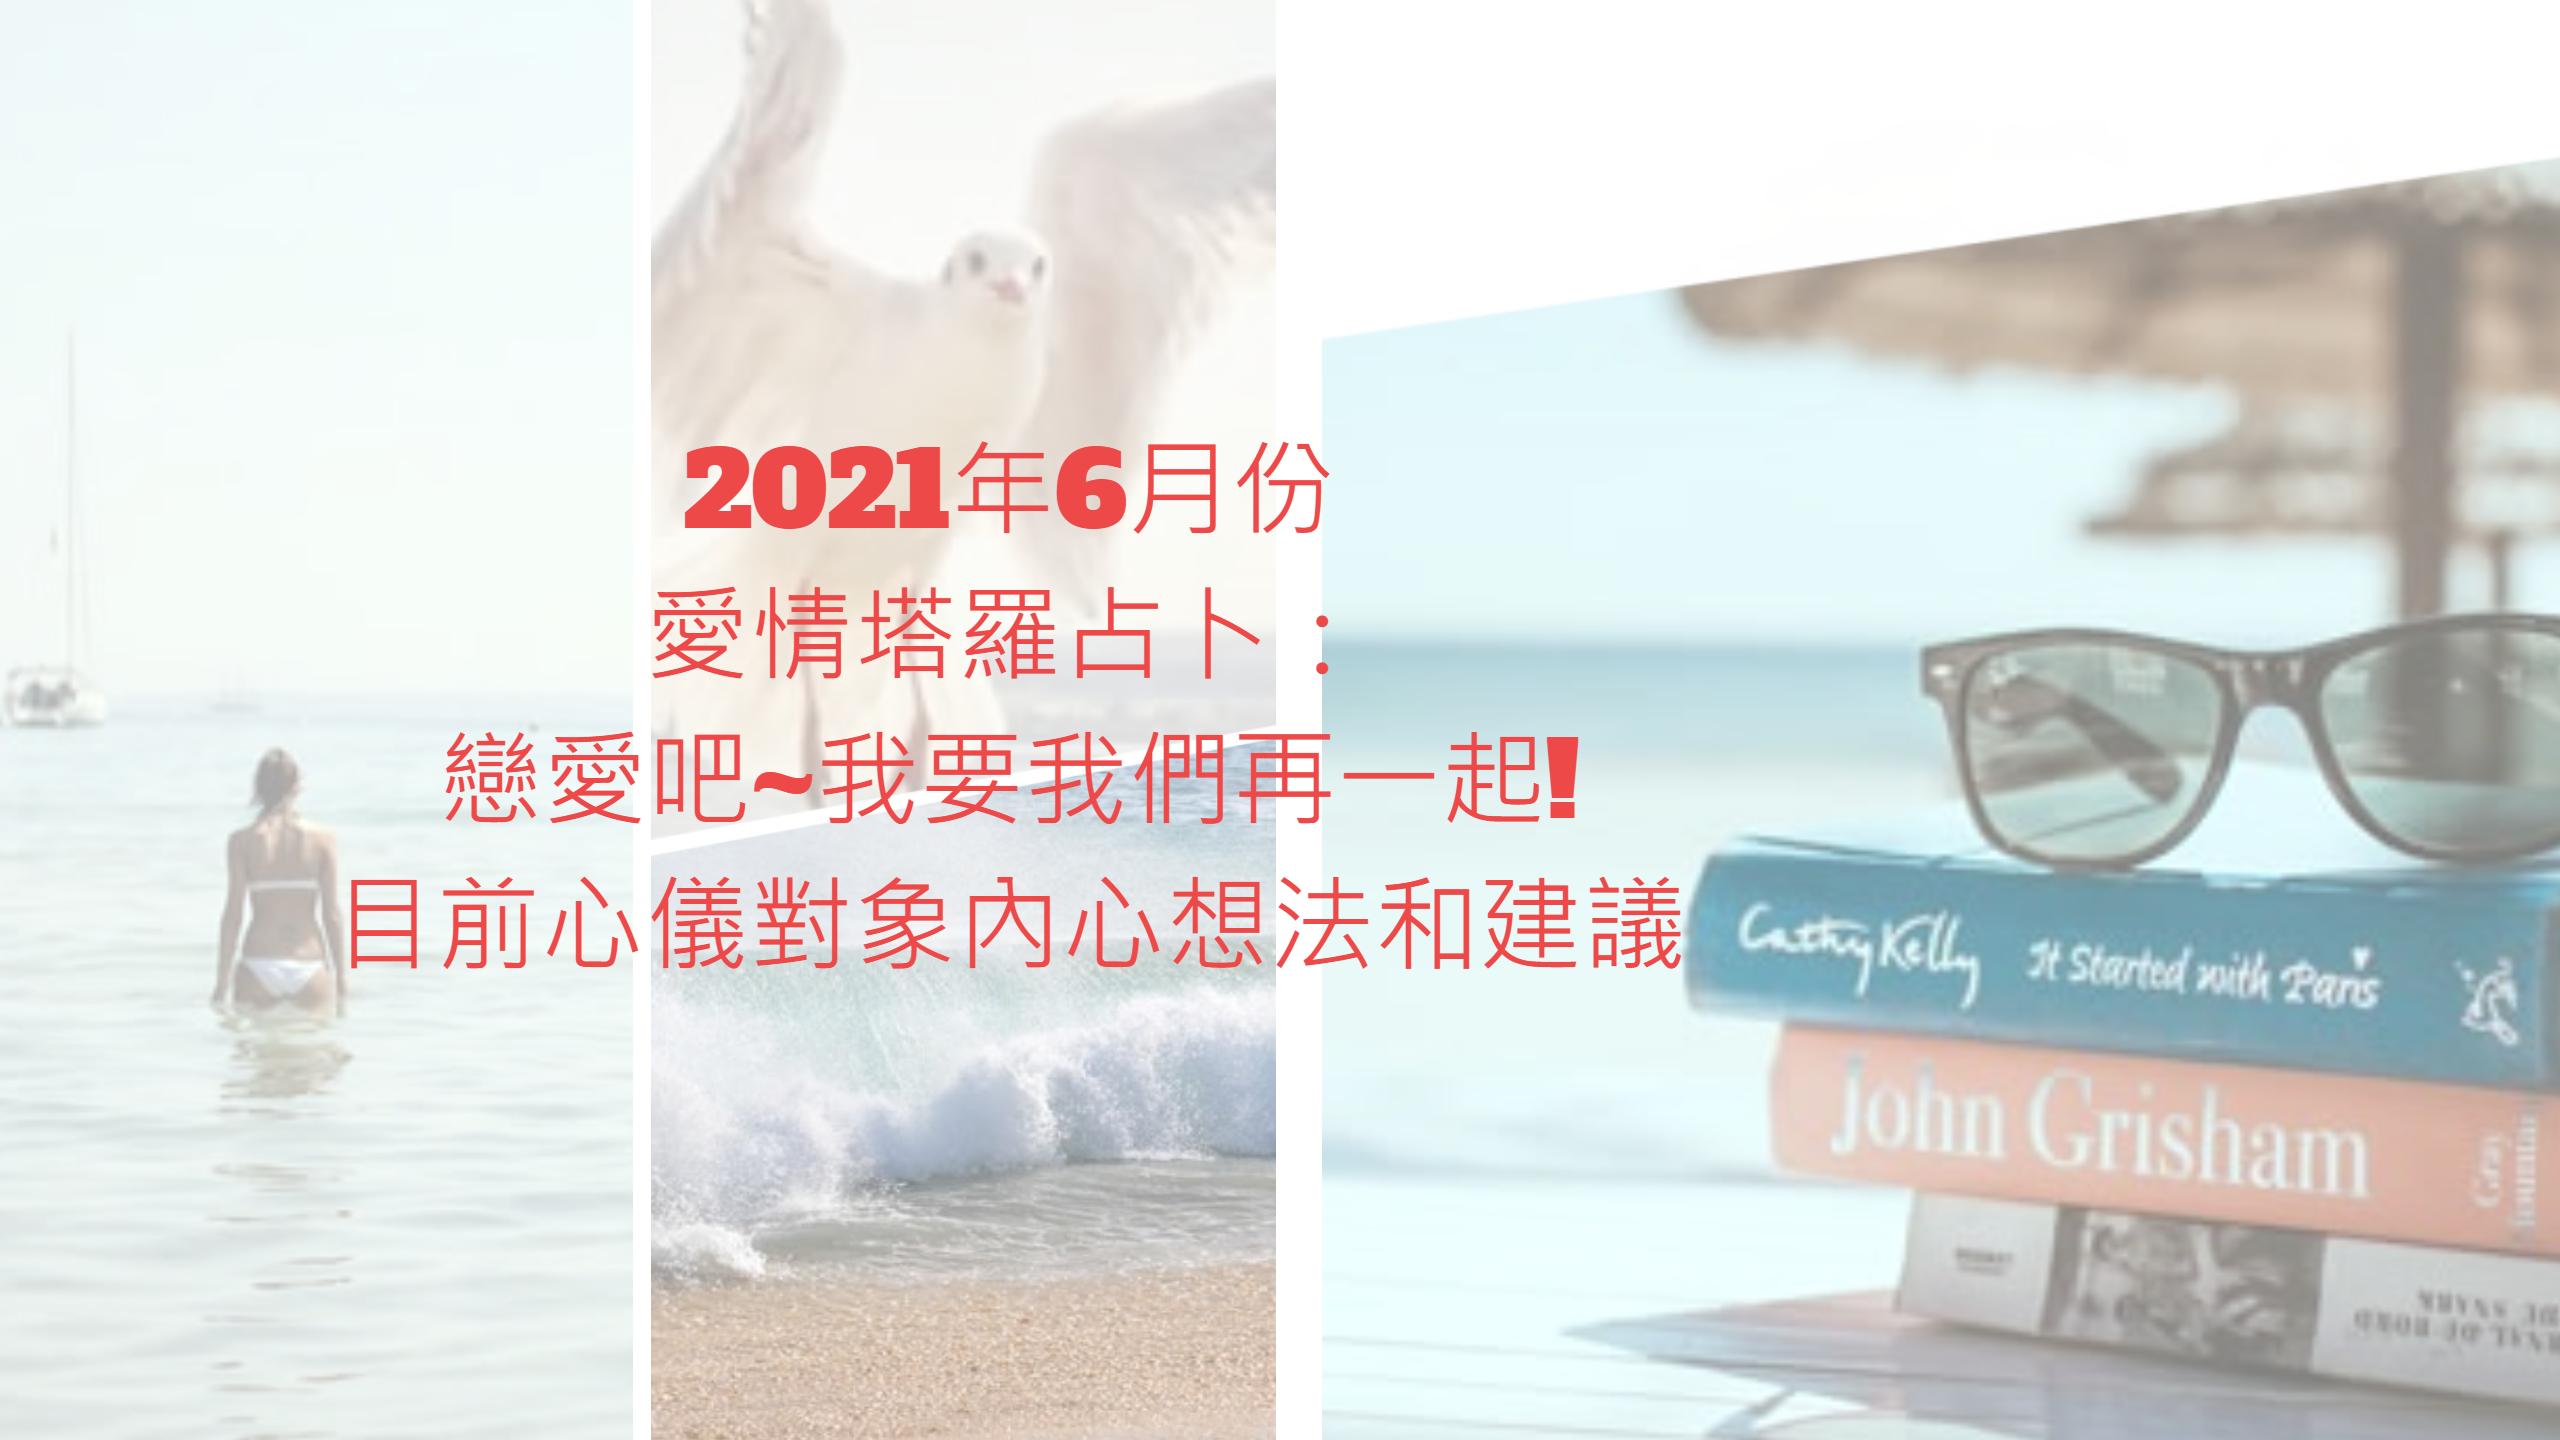 2021年6月份愛情塔羅占卜:目前心儀對象內心真實想法和這段關係建議Part.3